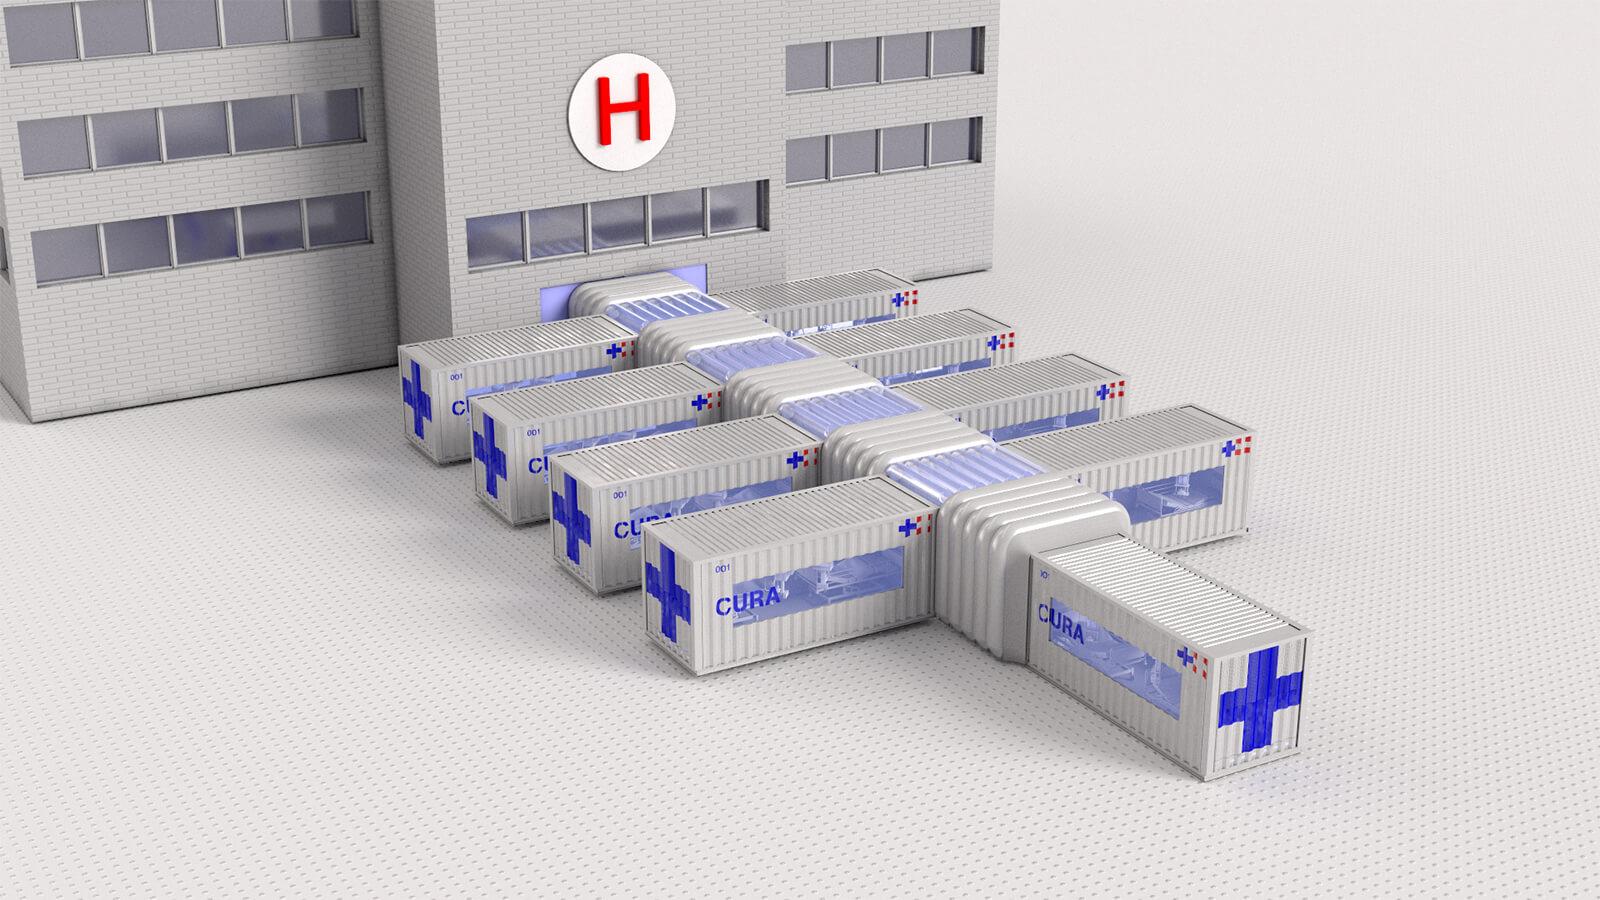 設計容許不同的貨櫃以吹氣通道連接。